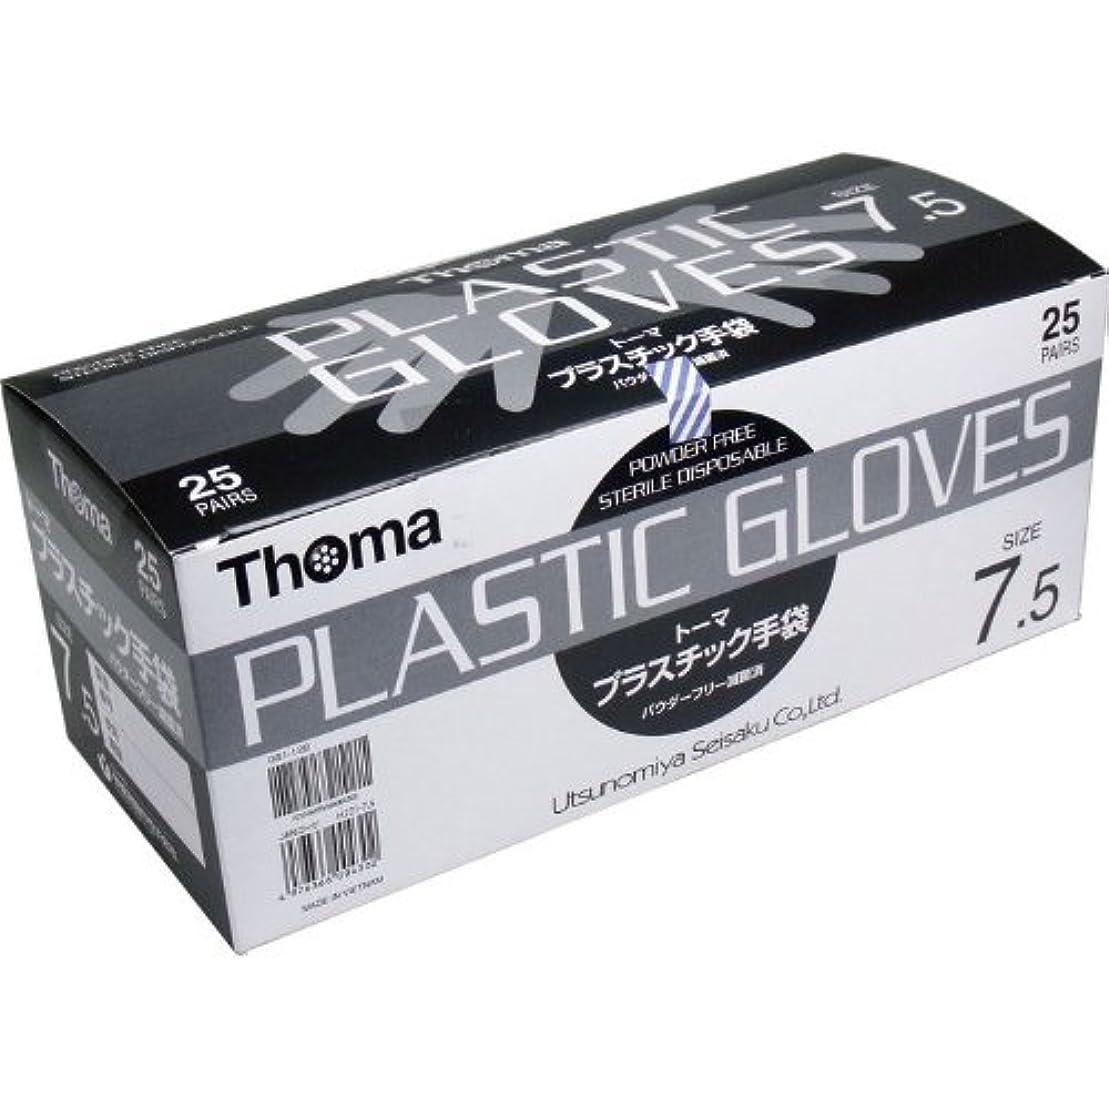 愛撫勤勉恐れパウダーフリー手袋 1双毎に滅菌包装、衛生的 便利 トーマ プラスチック手袋 パウダーフリー滅菌済 25双入 サイズ7.5